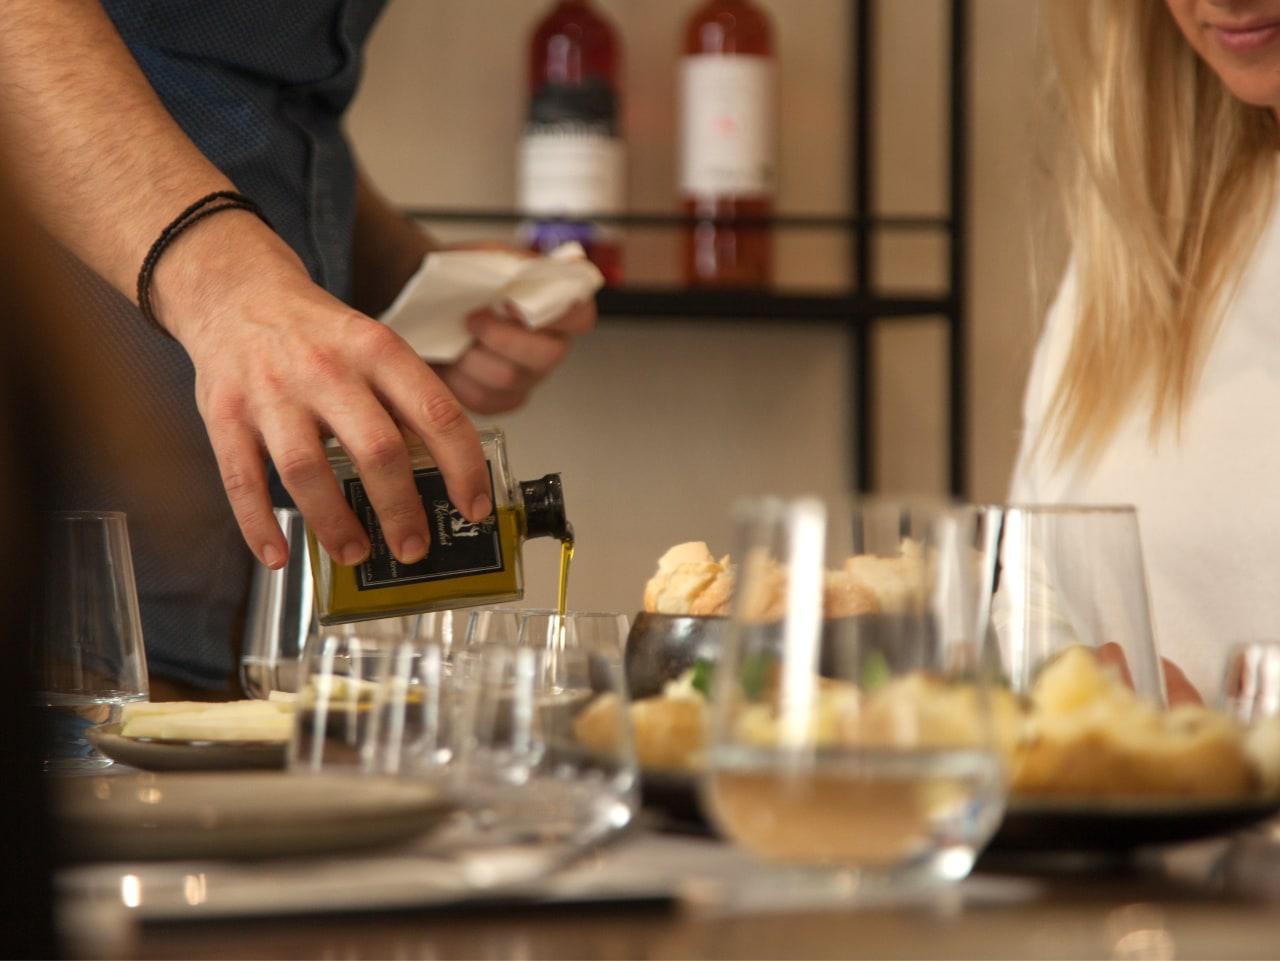 olive oil tasting workshop heraklion crete, olive oil tasting iraklion crete, olive oil activity heraklion crete